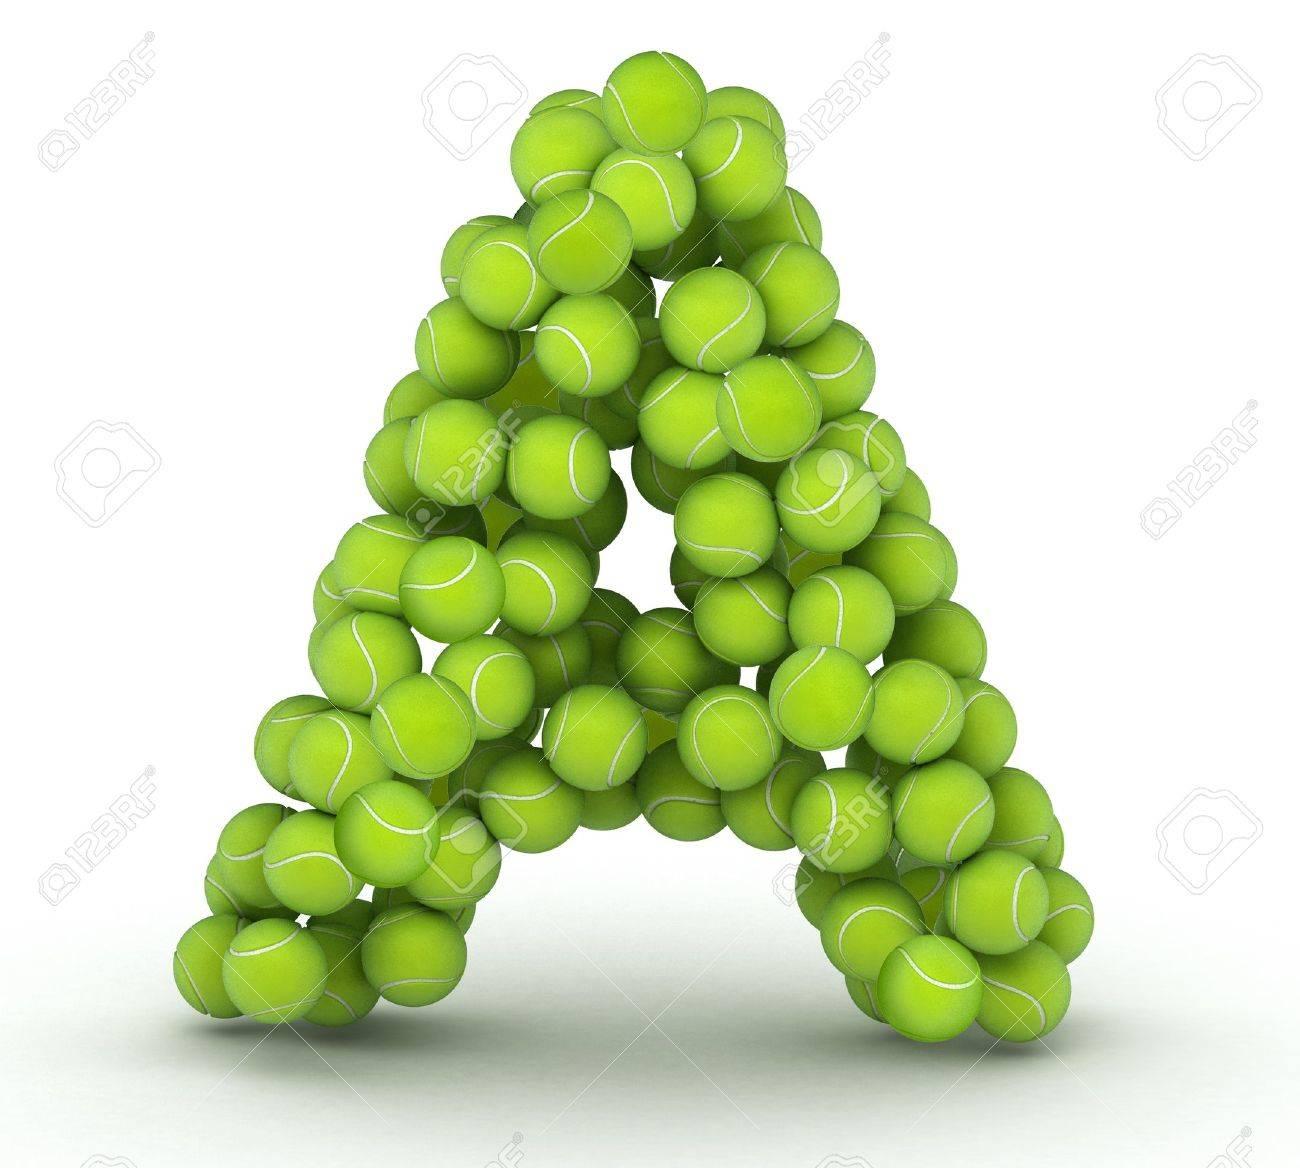 A Alphabet Letter Letter A  alphabet of tennis